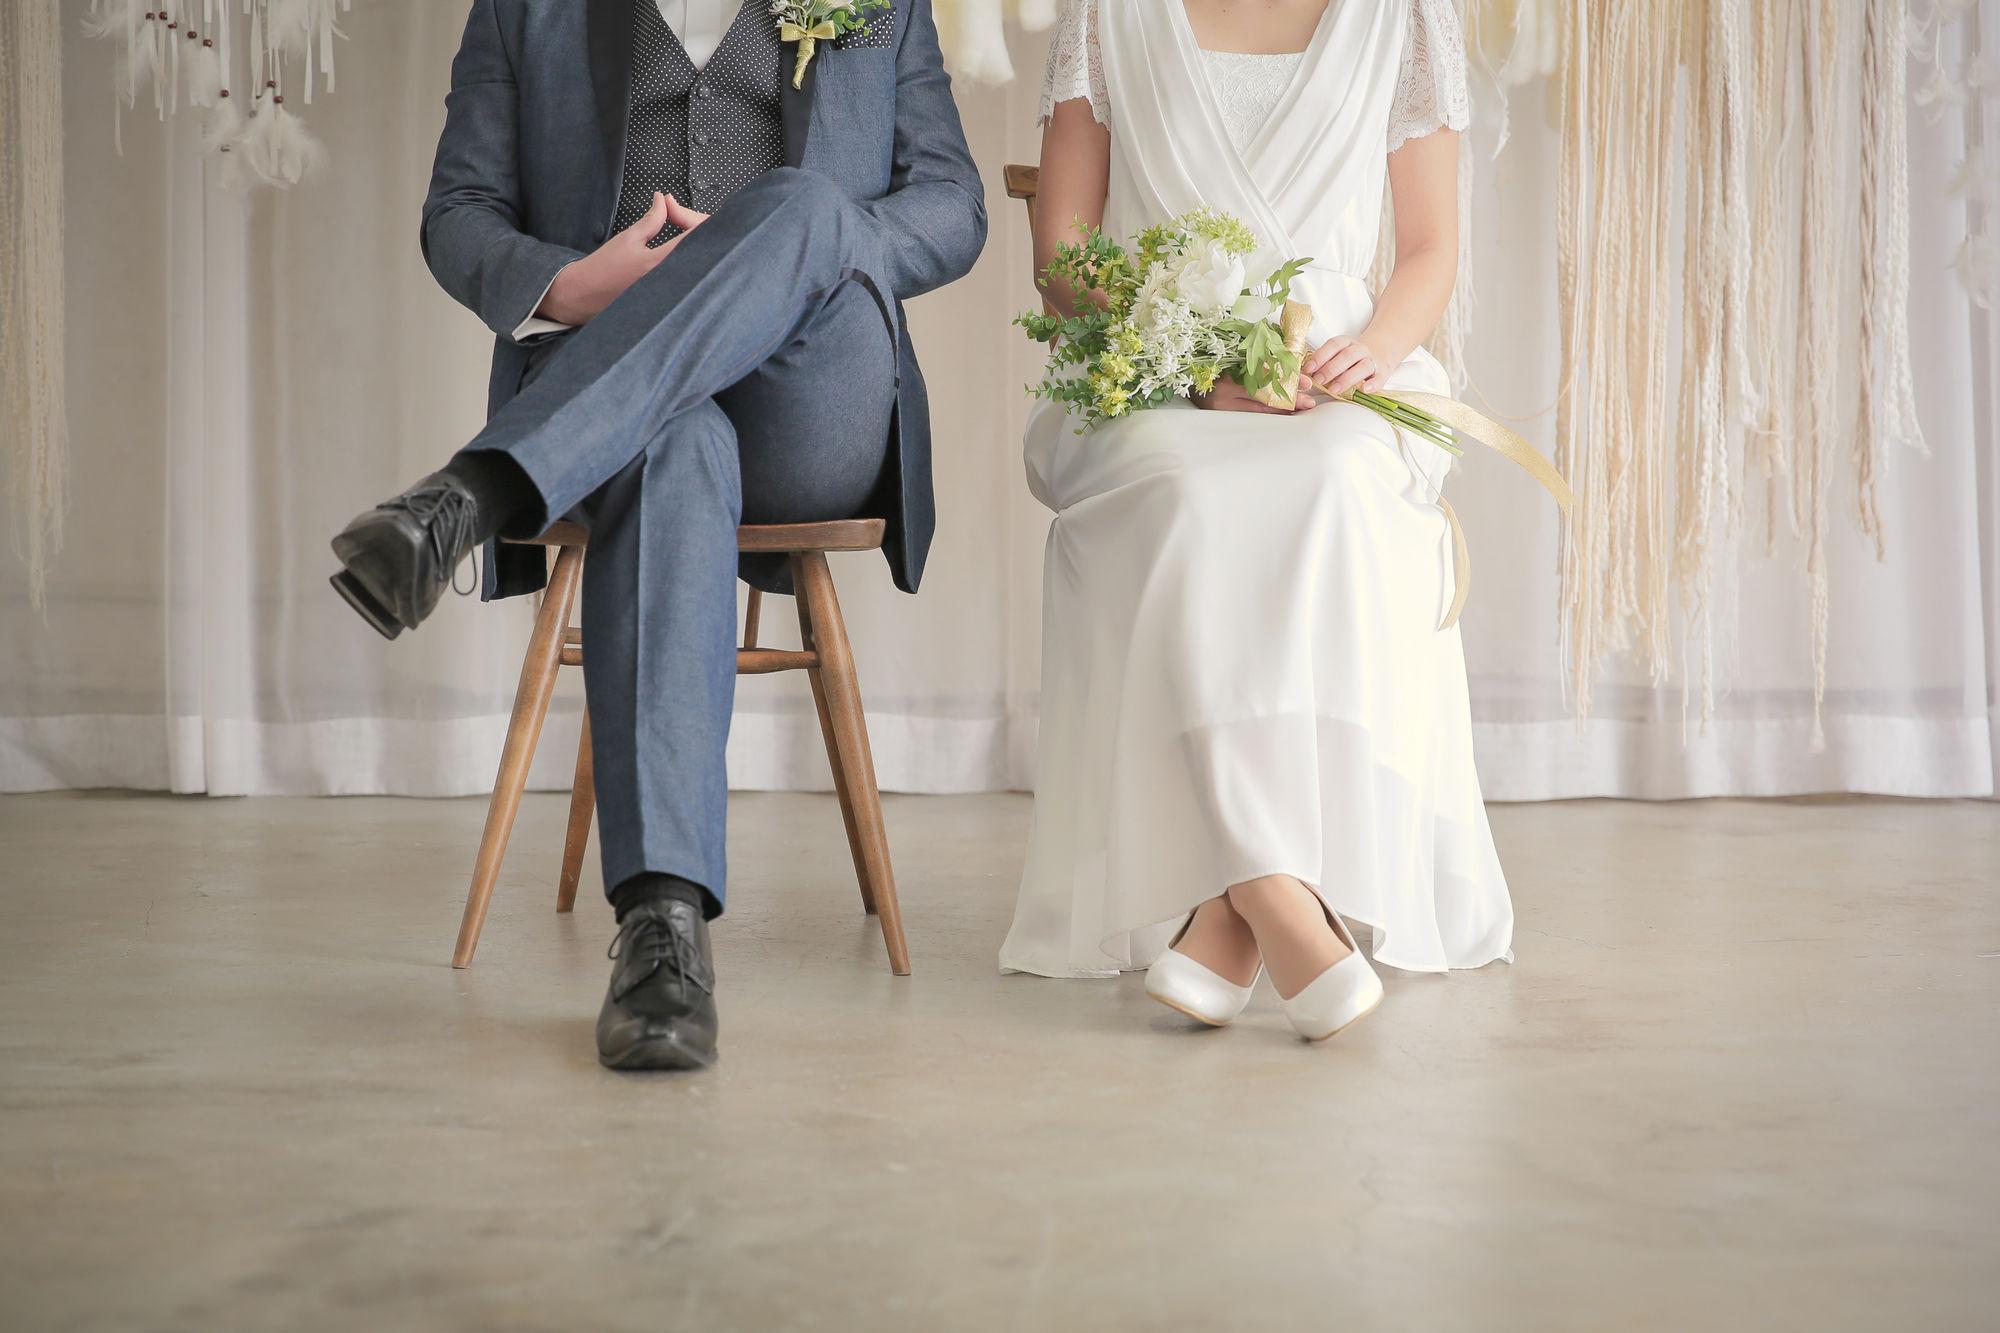 プレ花嫁が最高の結婚式を迎えるために準備すること3つのこと